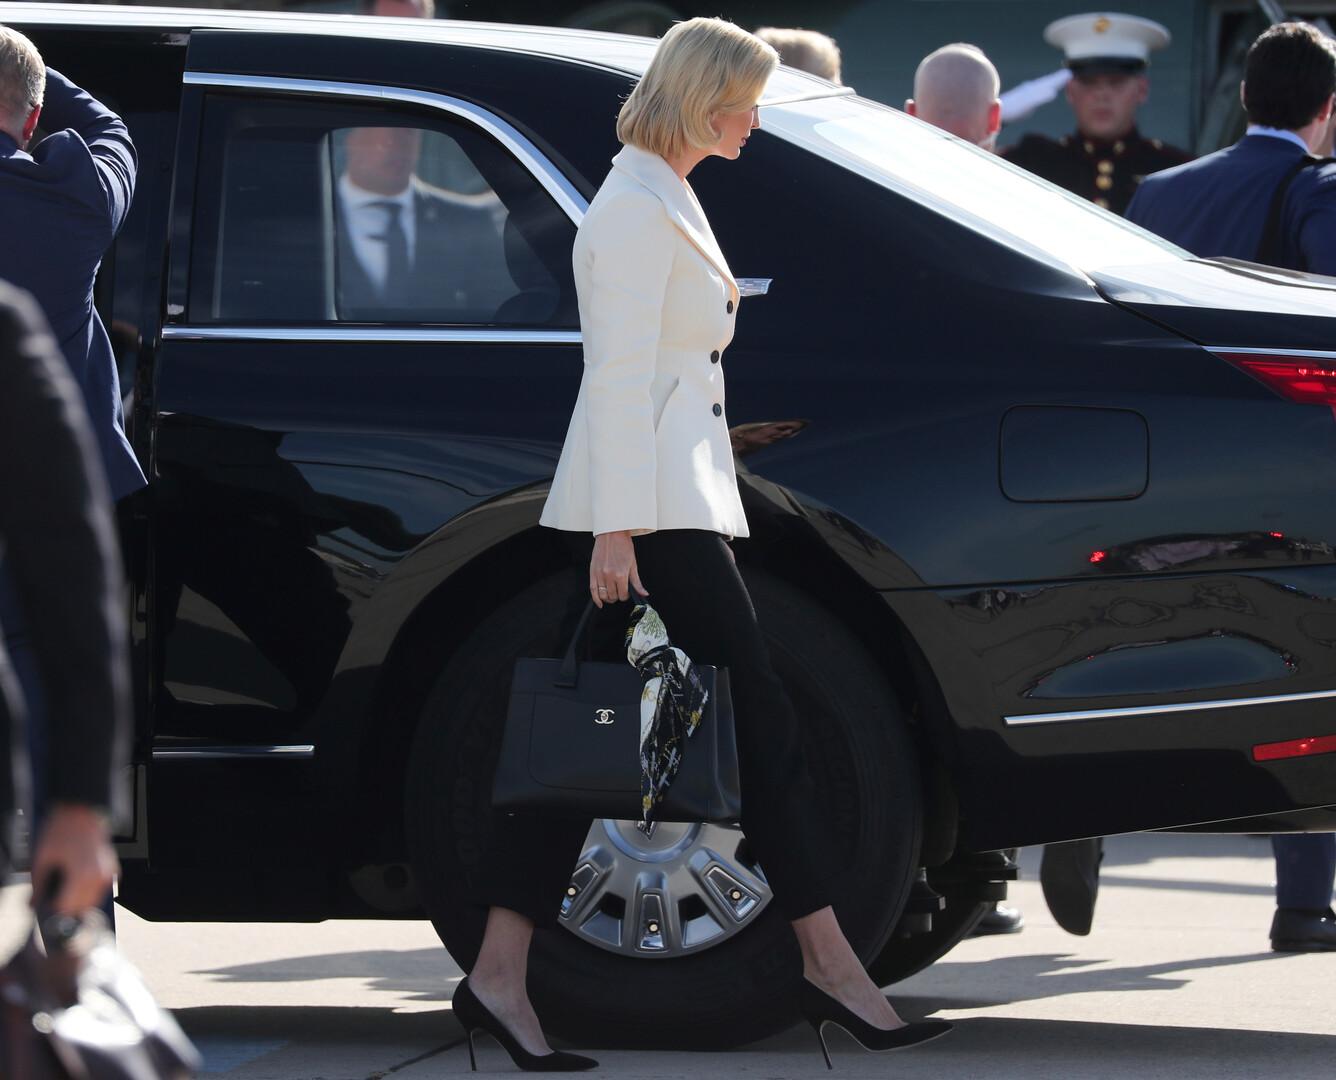 شاهد.. إيفانكا ترامب في موقف محرج بسبب حقيبة يدها!